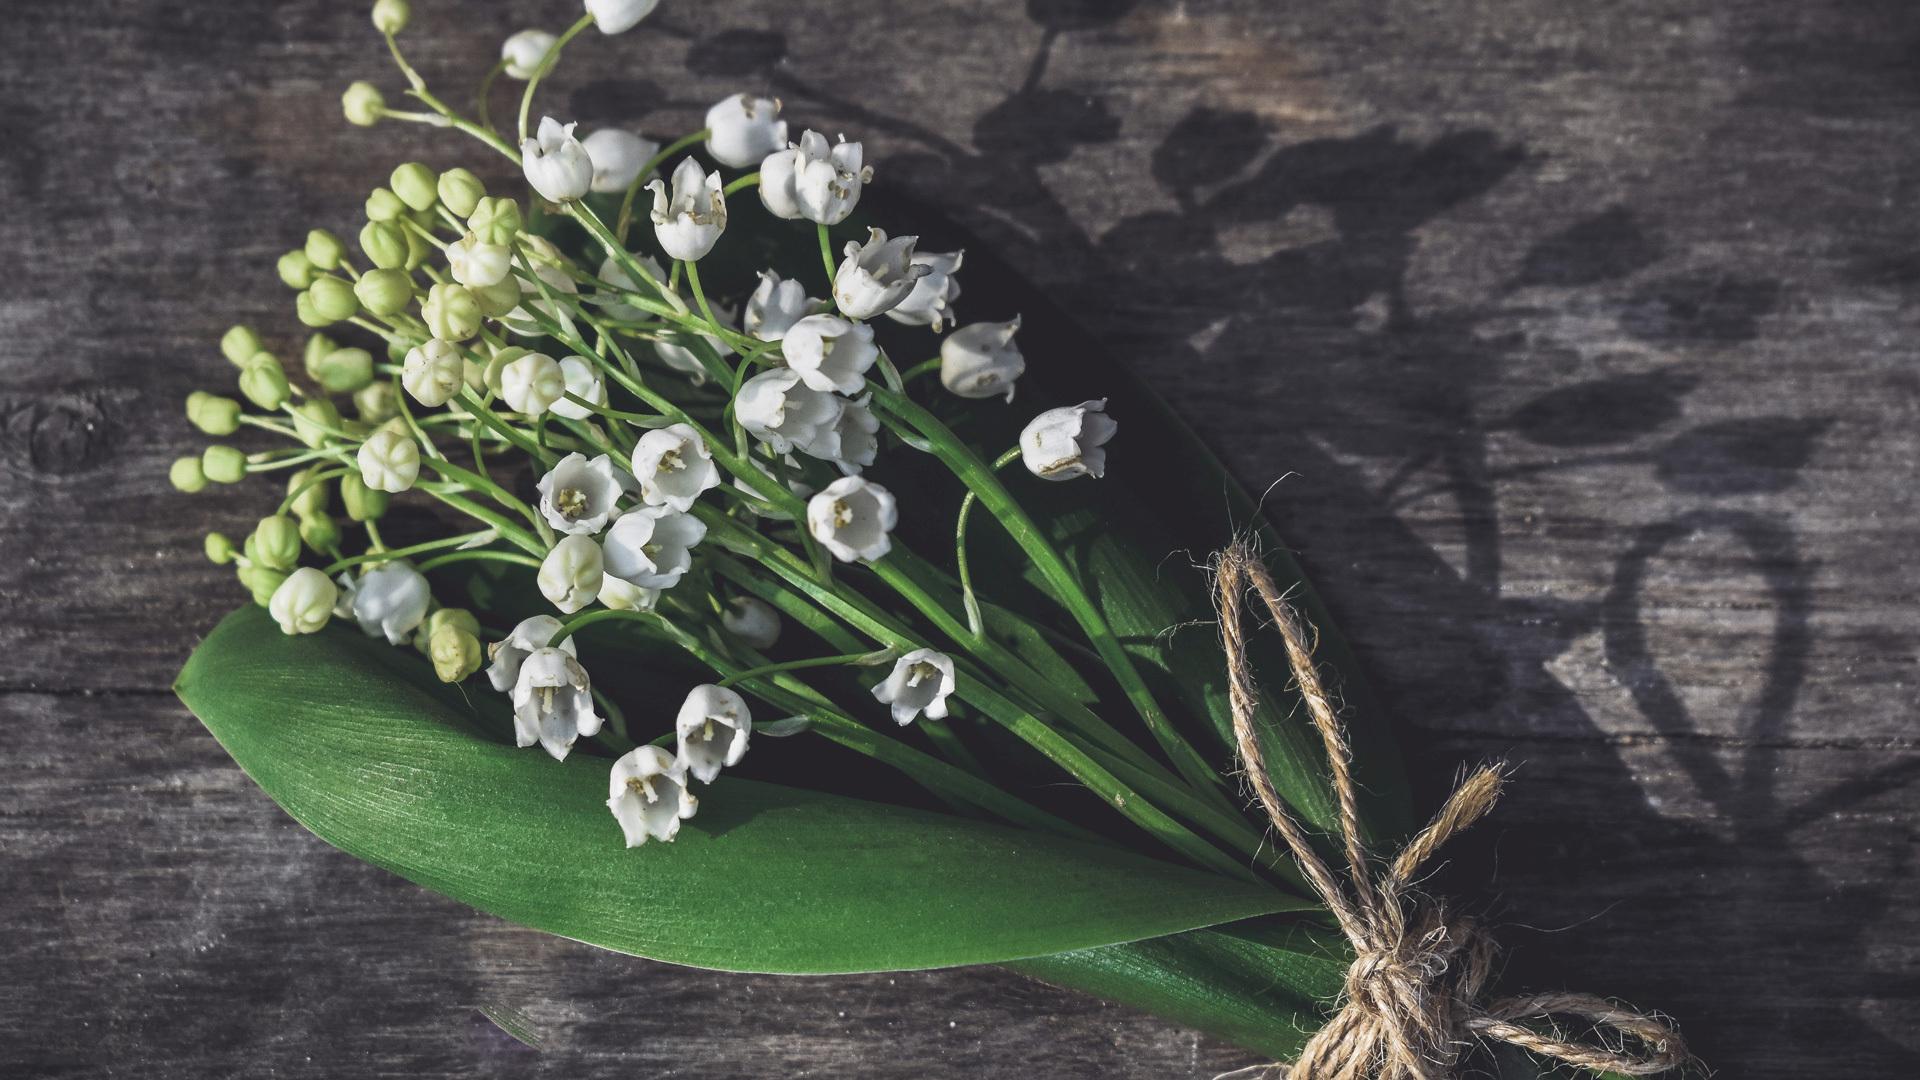 Return of happiness<br/>从新娘手上飞来的光之花朵